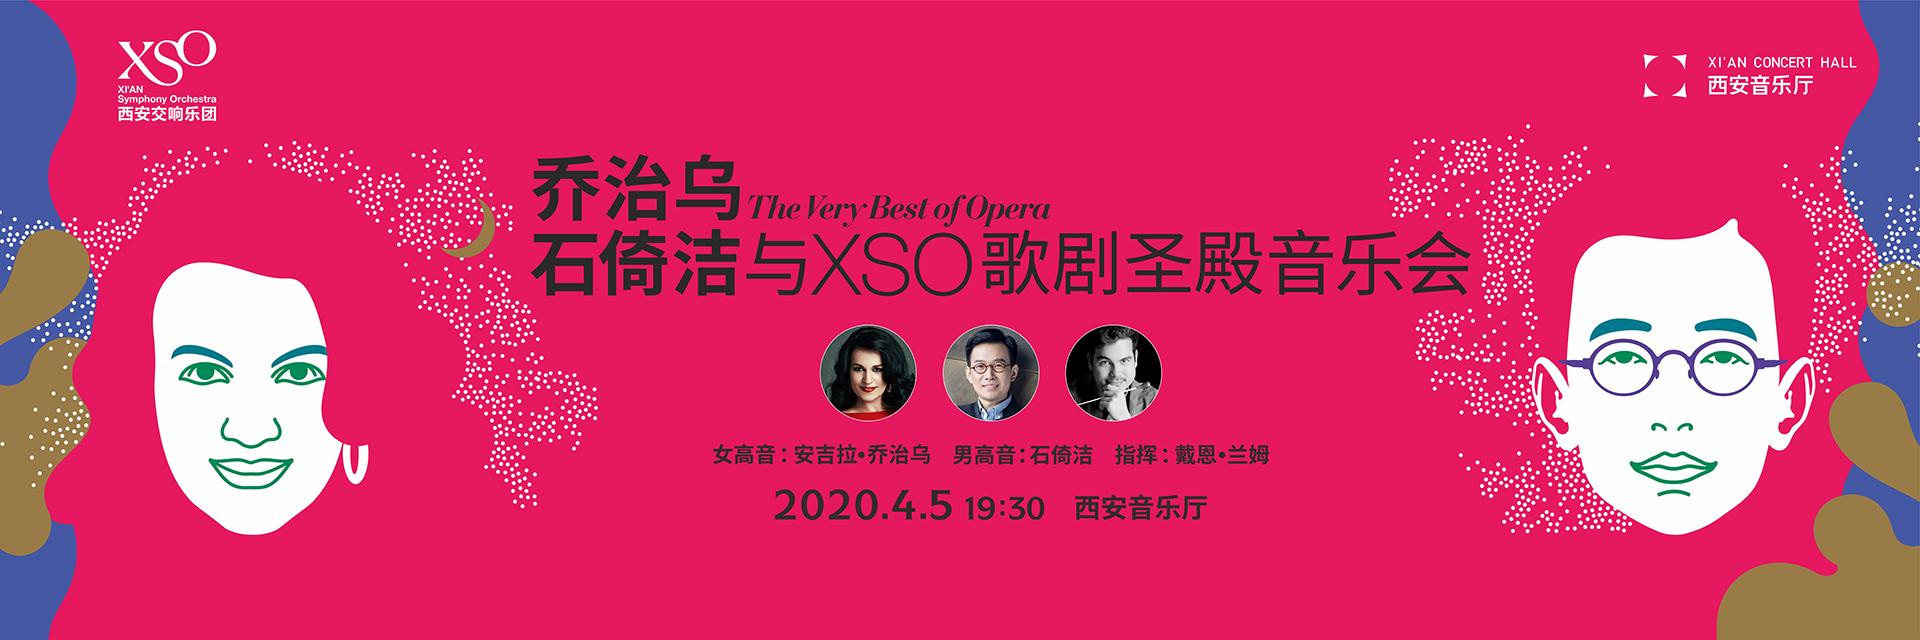 喬治烏、石倚潔與XSO-歌劇圣殿音樂會